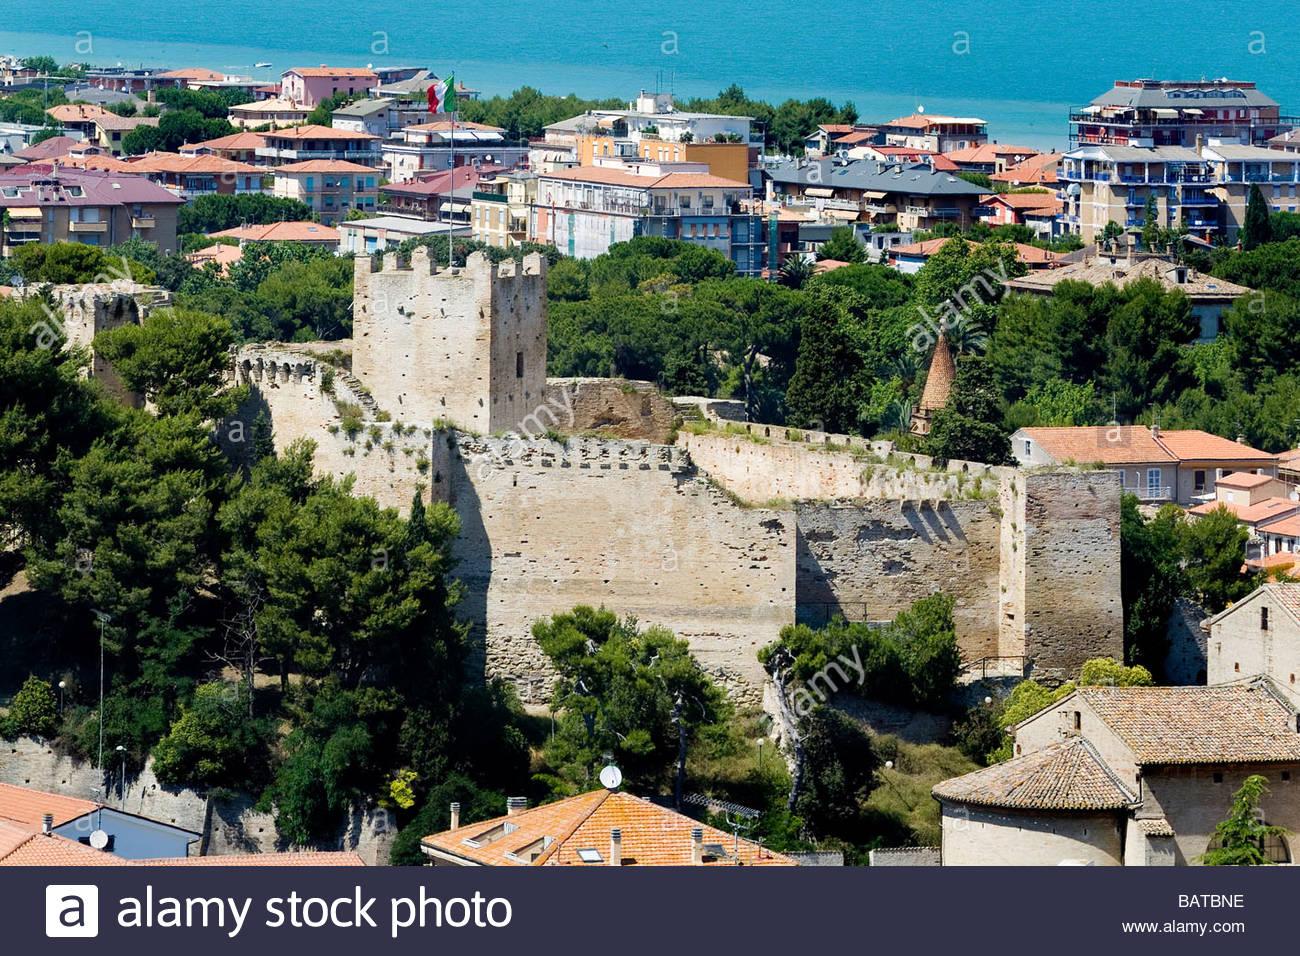 Porto san giorgio veduta della citt con la rocca marche italy stock photo 23893002 alamy - Aran cucine porto san giorgio ...